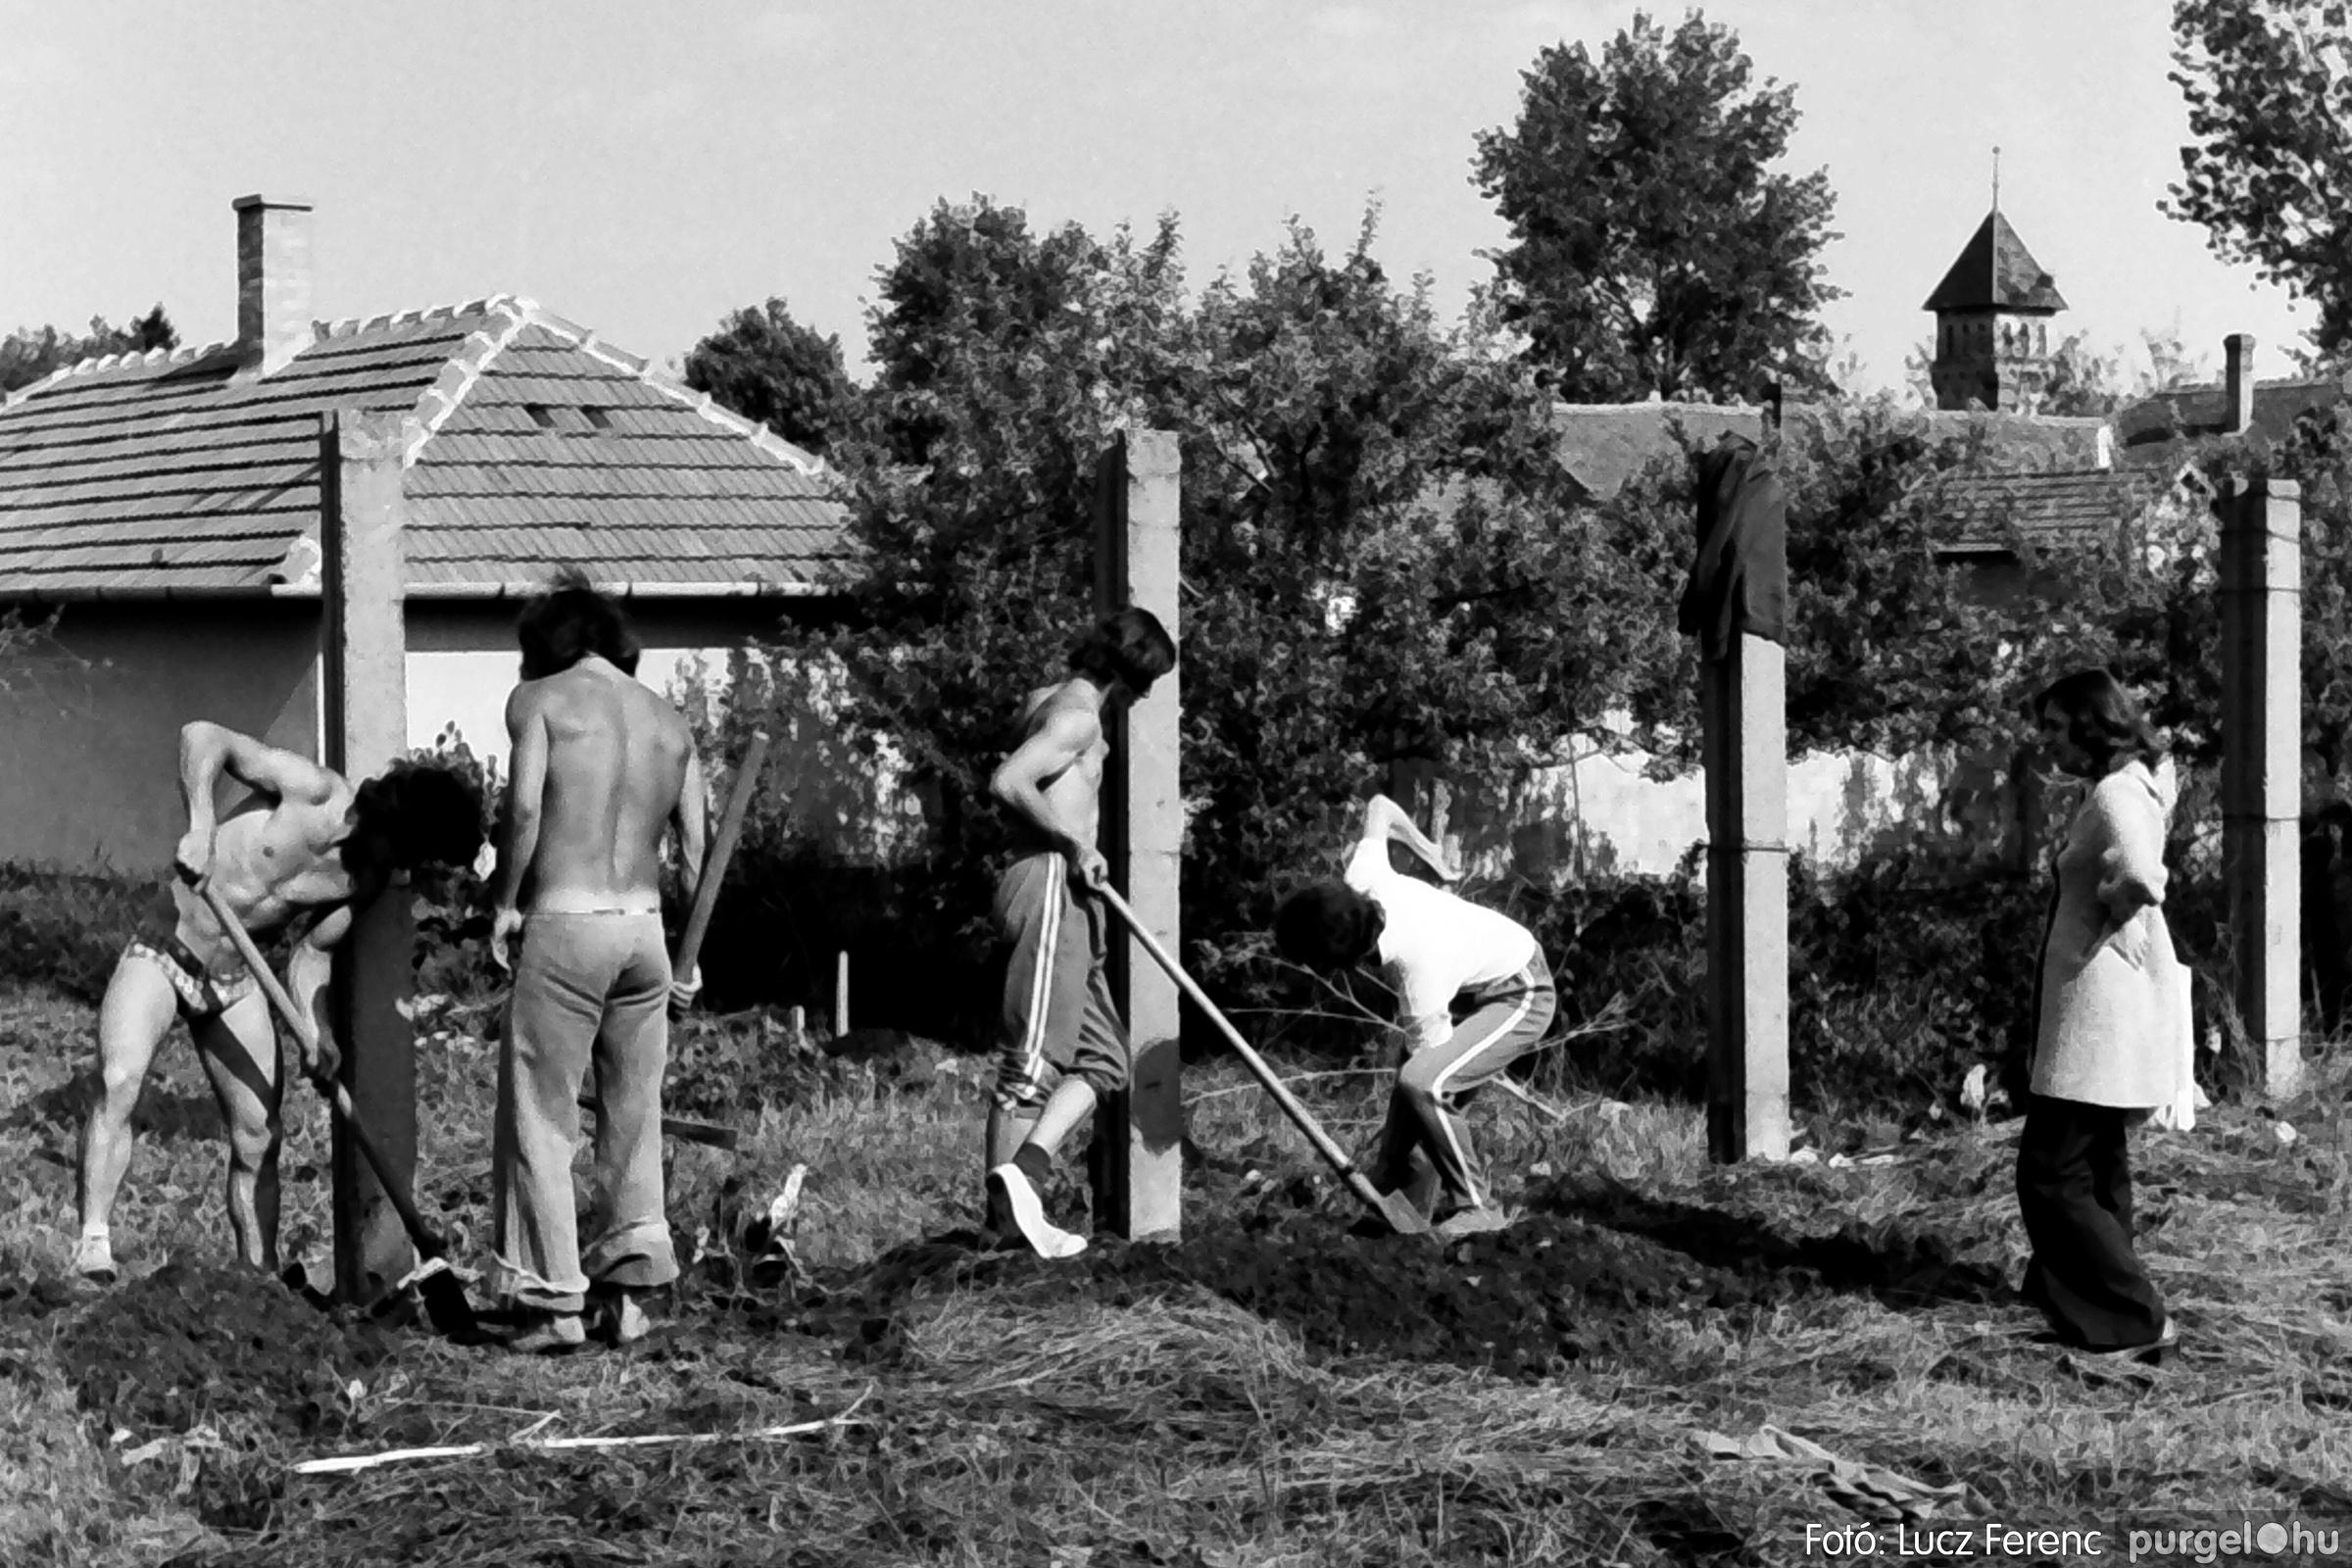 048, 051. 1976. Társadalmi munka 007. - Fotó: Lucz Ferenc.jpg